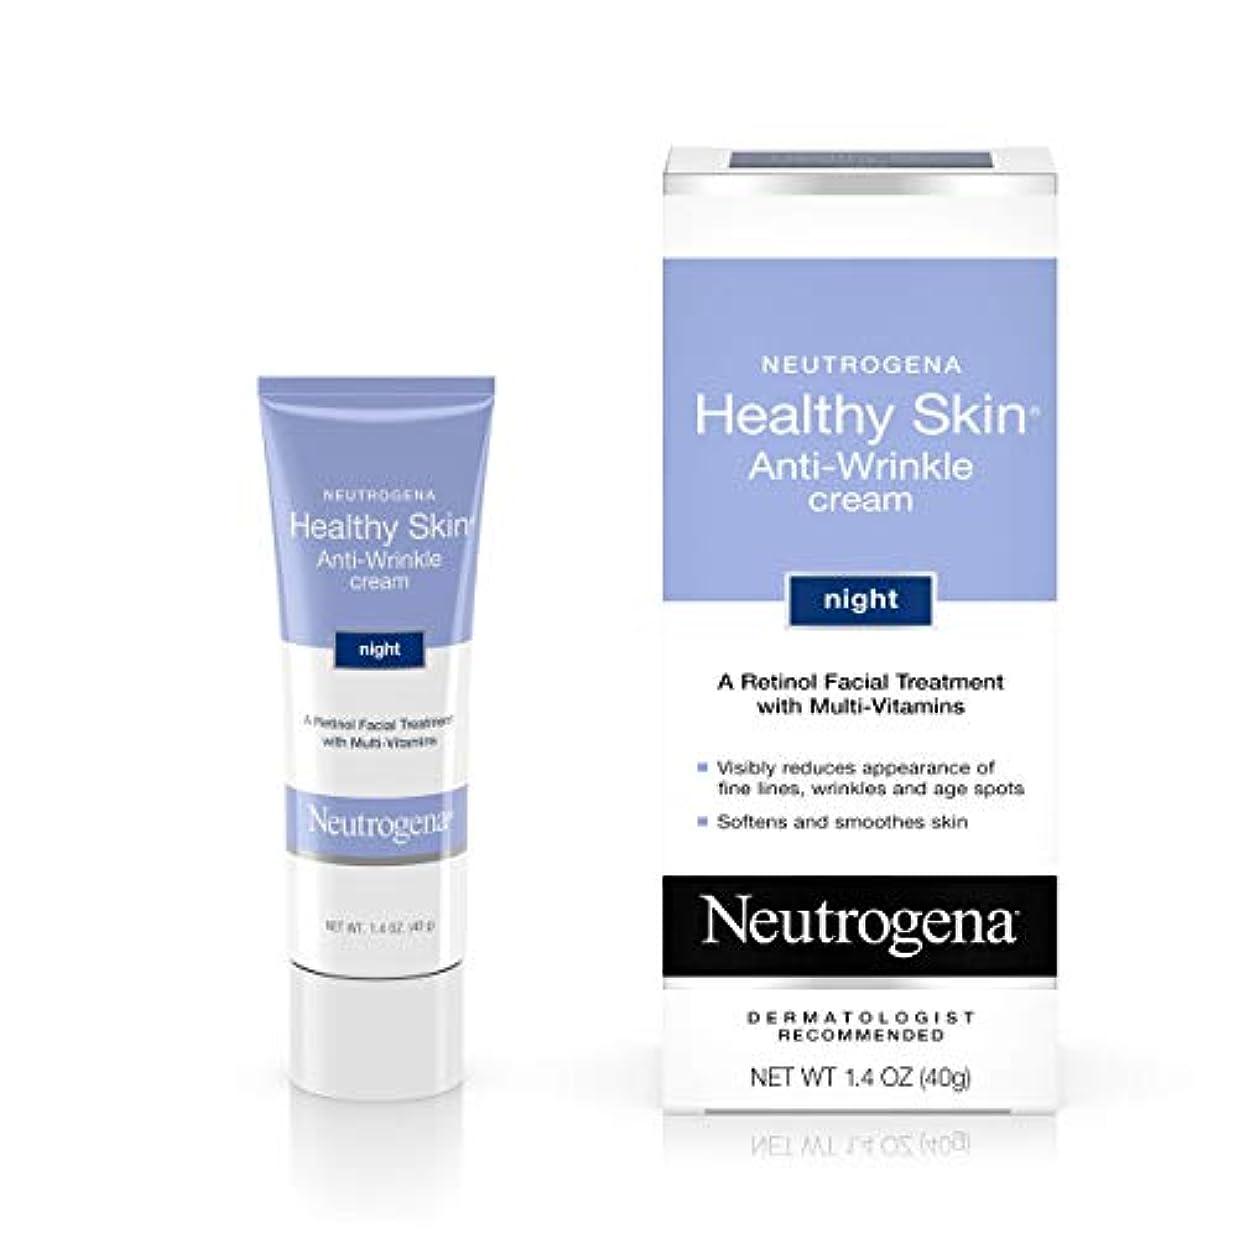 品種重要な役割を果たす、中心的な手段となる出席海外直送肘 Neutrogena Healthy Skin Anti-Wrinkle Night Cream, 1.4 oz